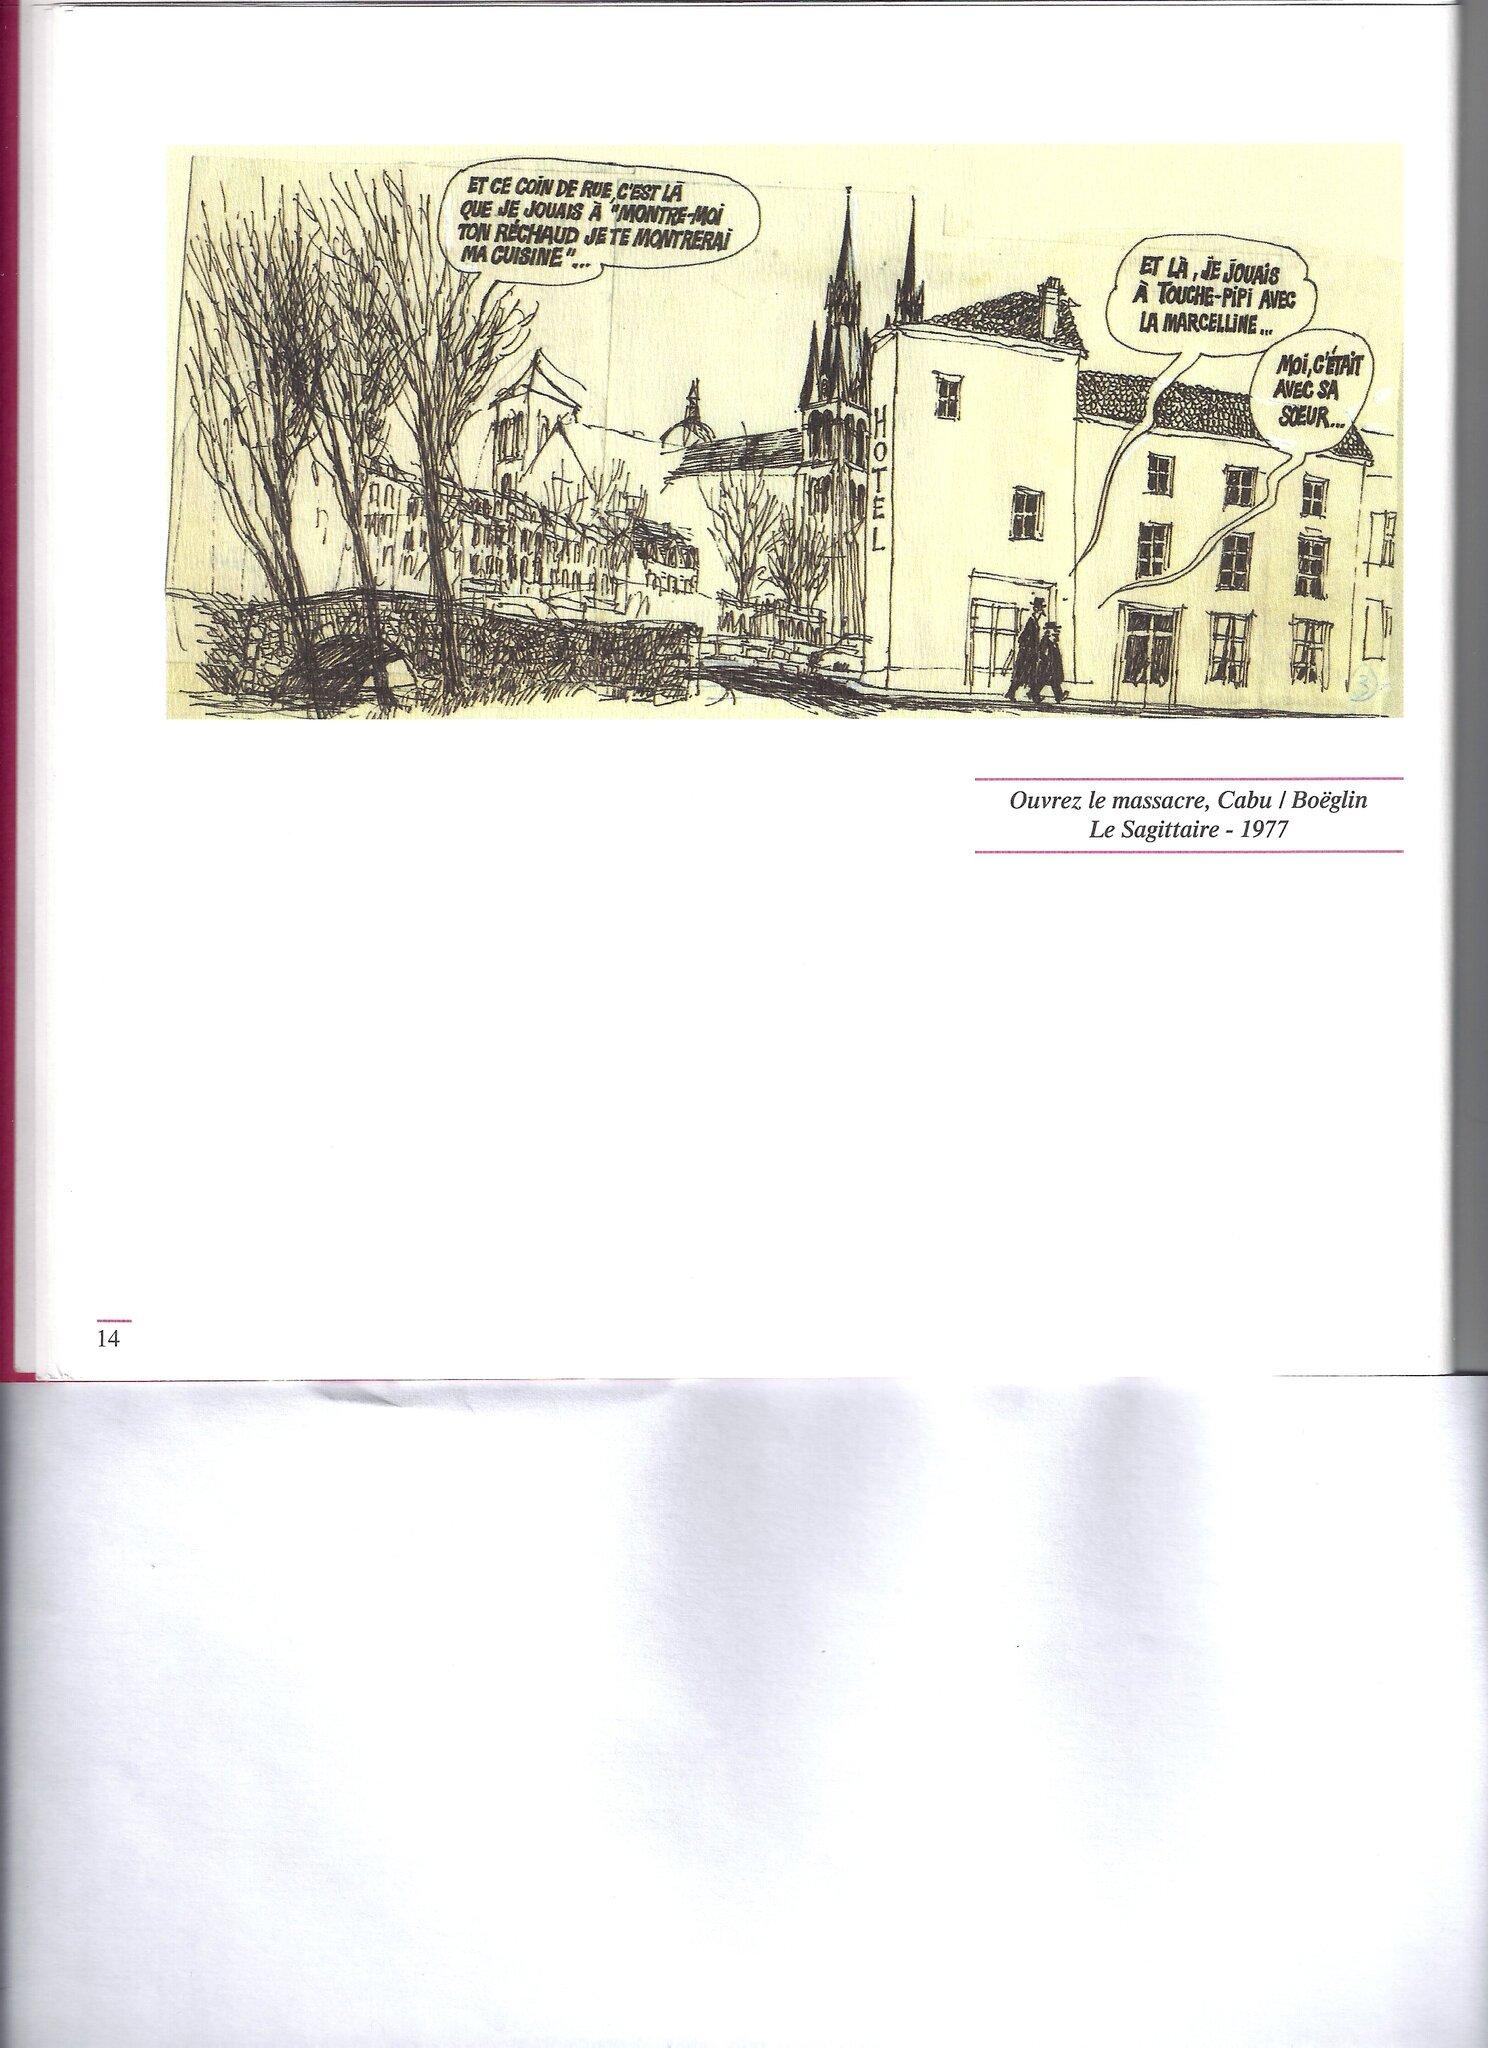 Cabu_60_ans_de_dessins_p14